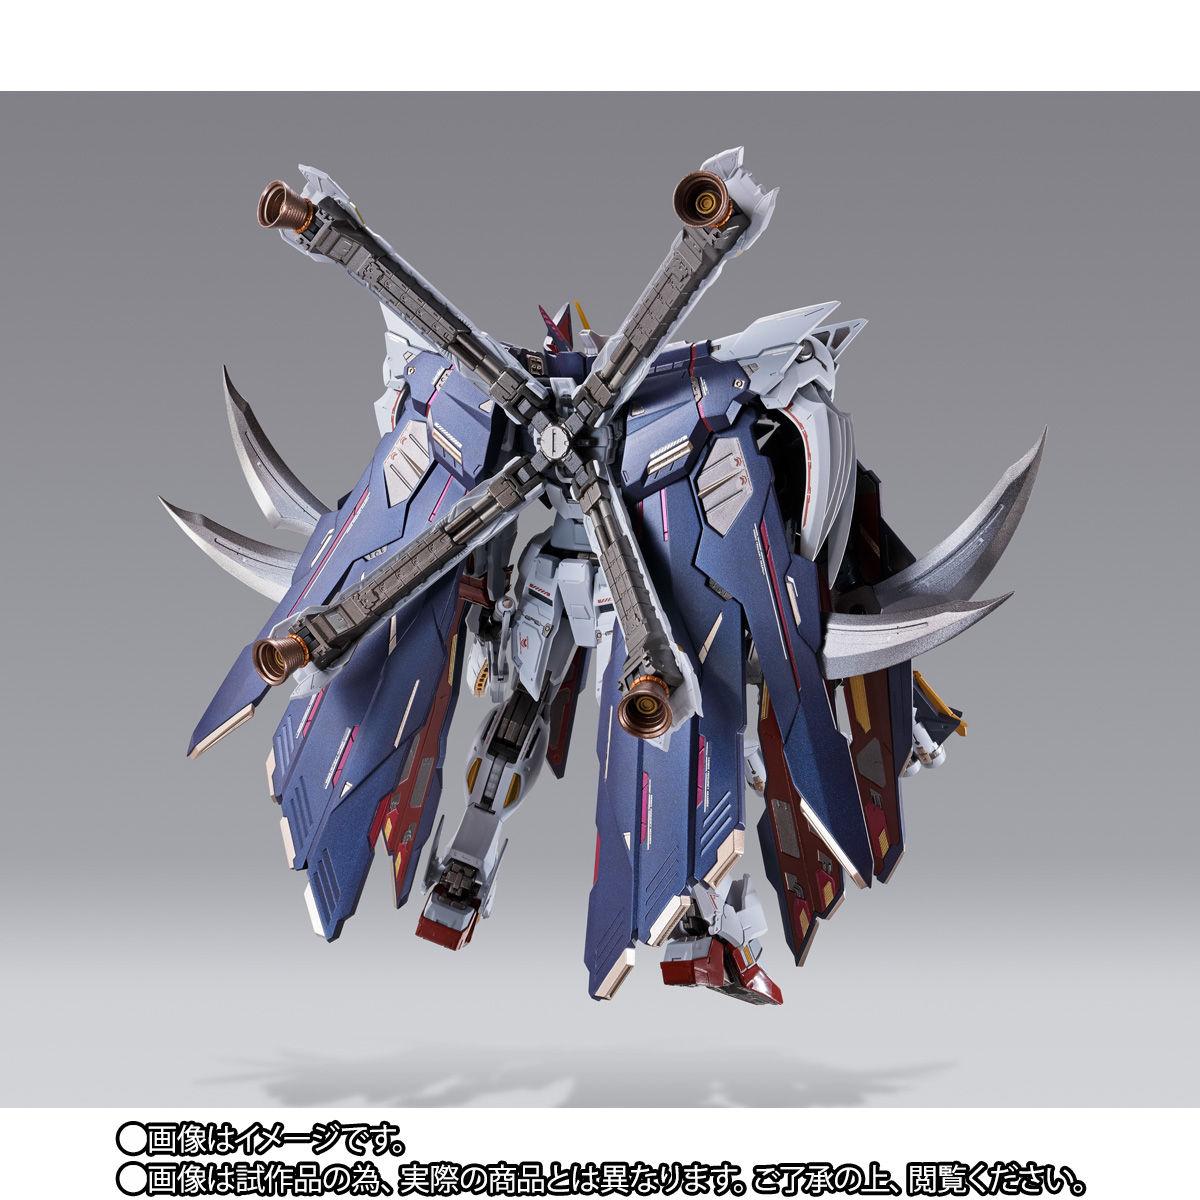 METAL BUILD『クロスボーン・ガンダムX1 フルクロス』機動戦士クロスボーン・ガンダム 可動フィギュア-005